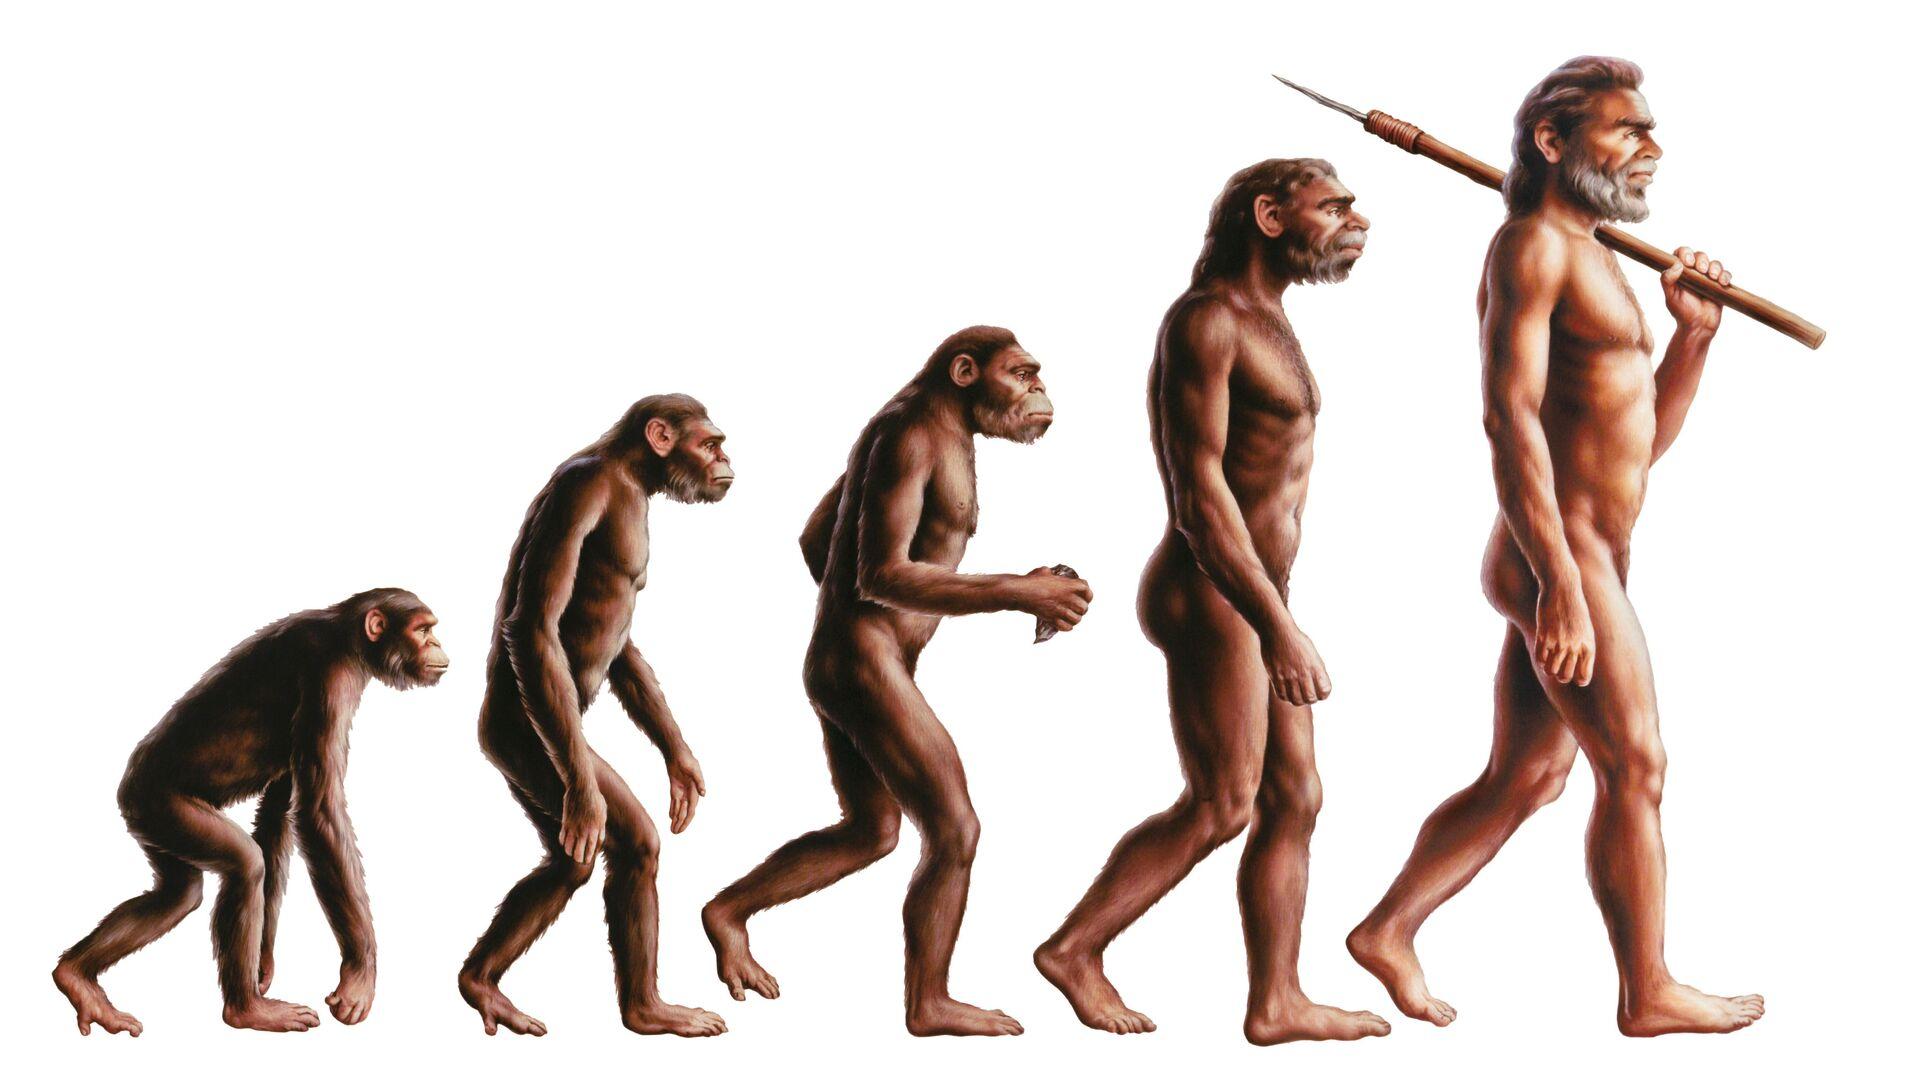 Evoluce člověka - Sputnik Česká republika, 1920, 26.02.2021